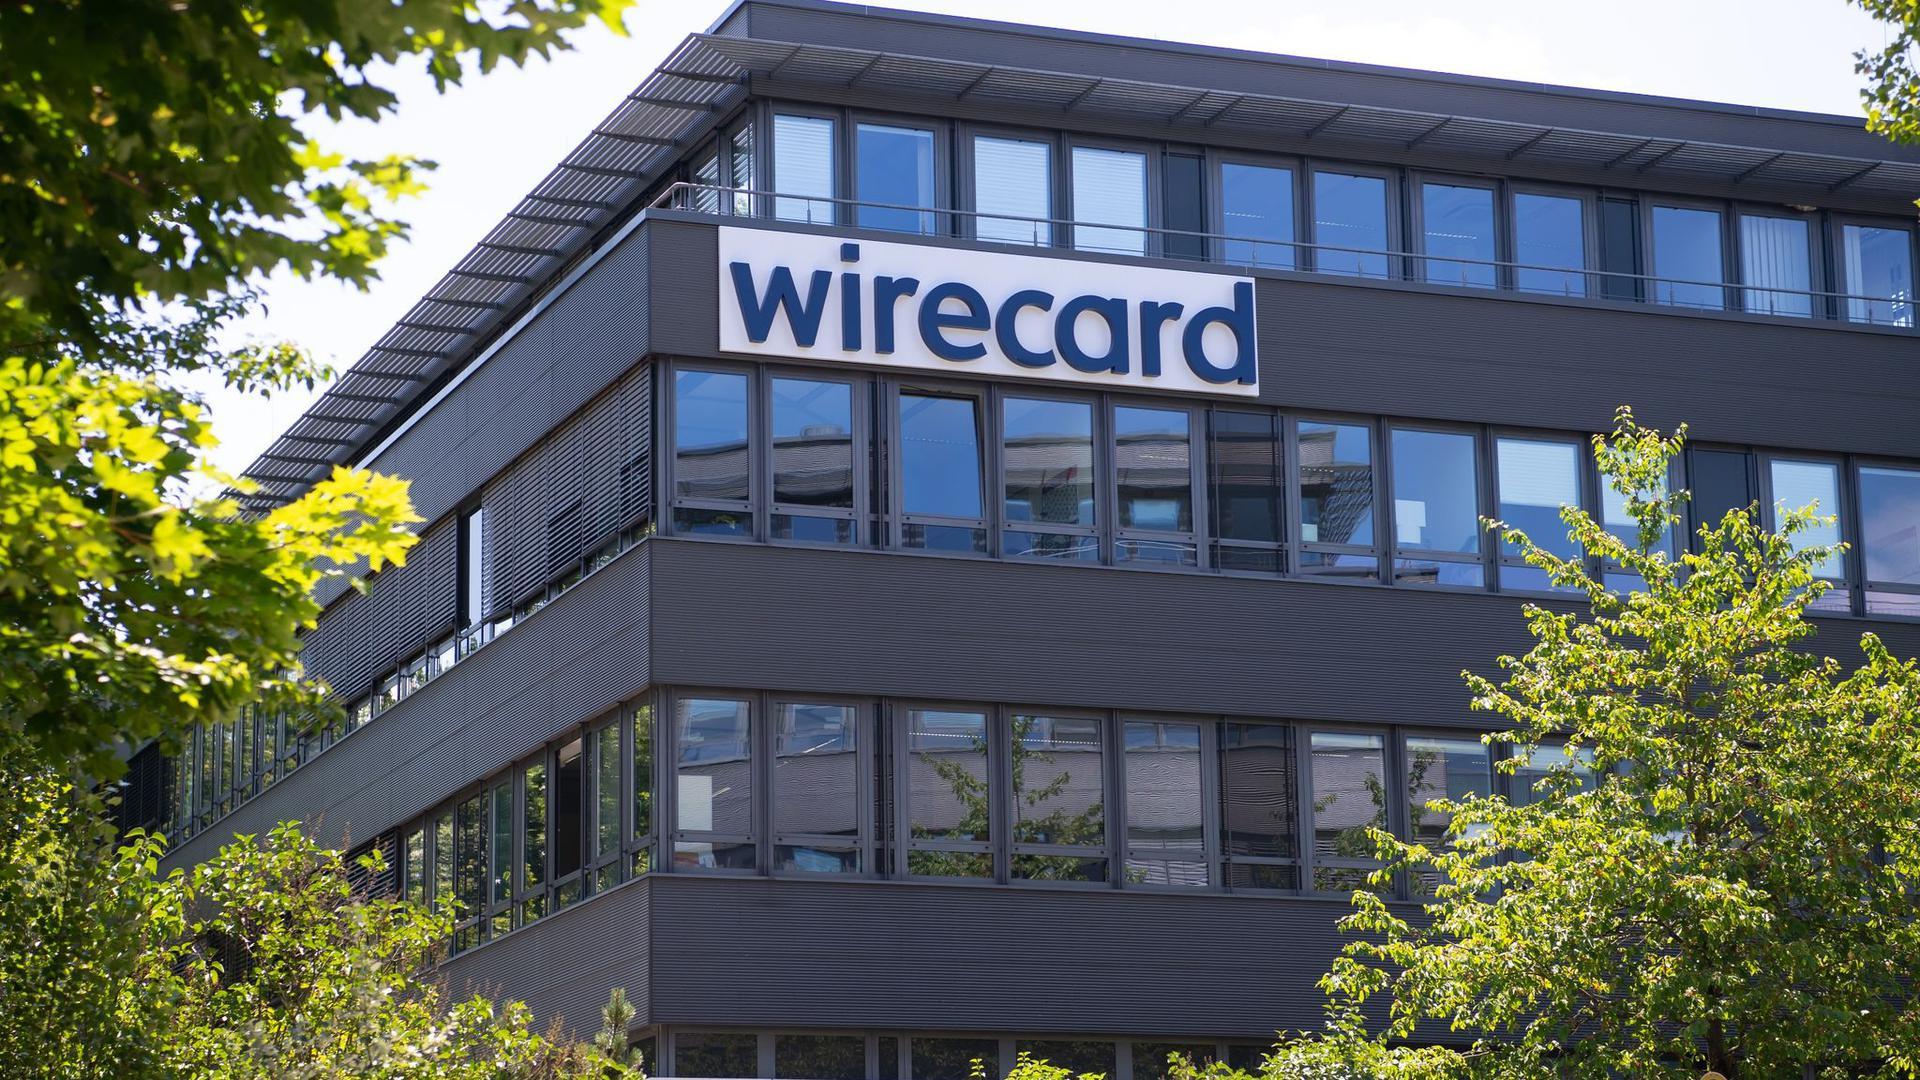 Die Bafin hat nach eigener Darstellung der Deutschen Prüfstelle für Rechnungslegung im Februar 2019 den Hinweis gegeben, dass es Ungereimtheiten in der Halbjahresbilanz 2018 von Wirecard gebe.